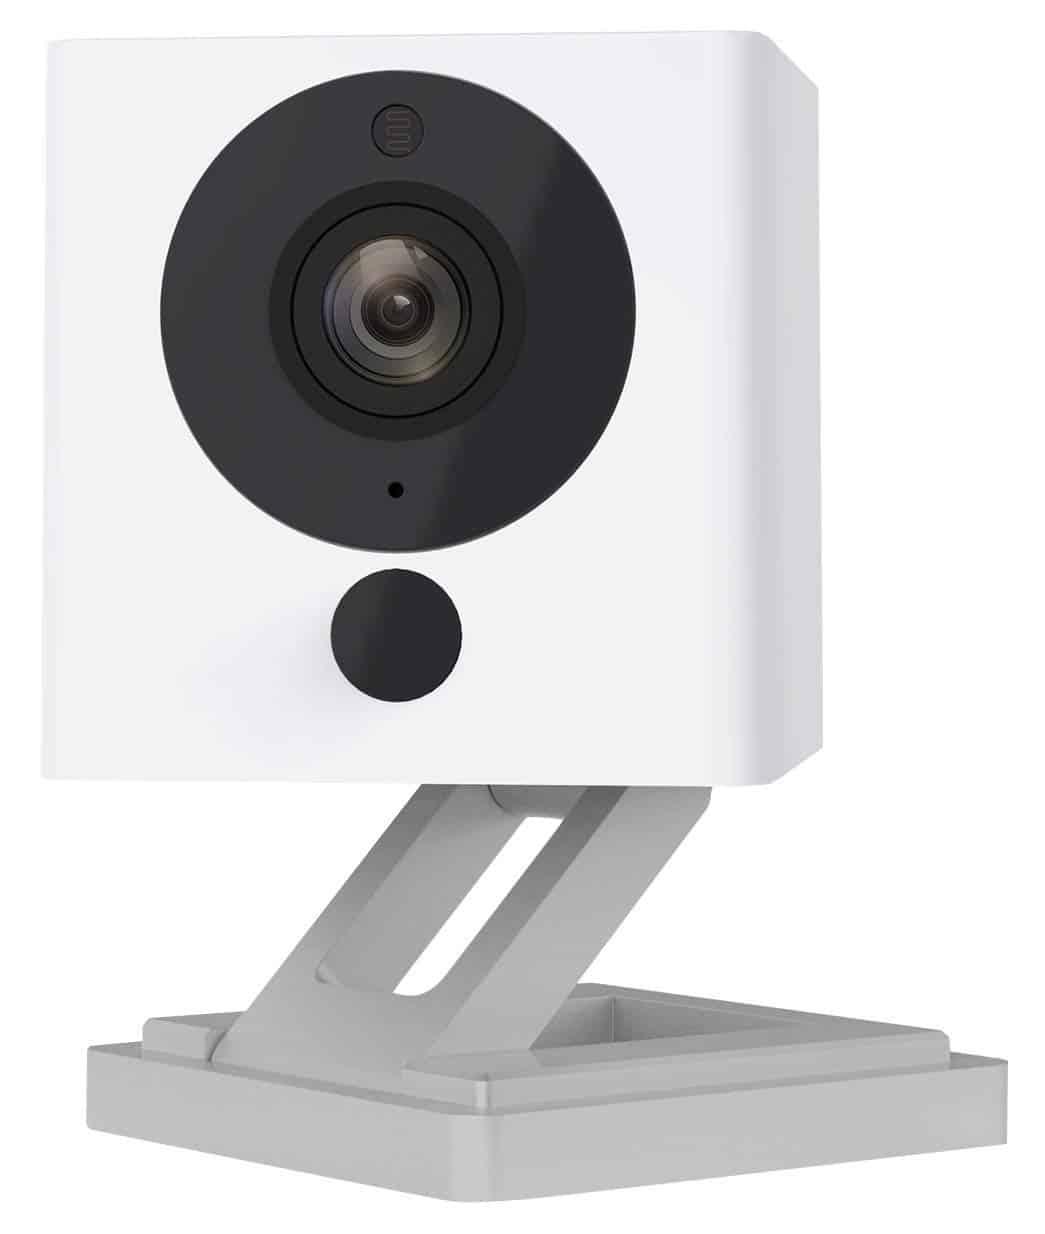 Wyze-Cam-1080p-HD-Indoor-Wireless-Smart-Home-Camera